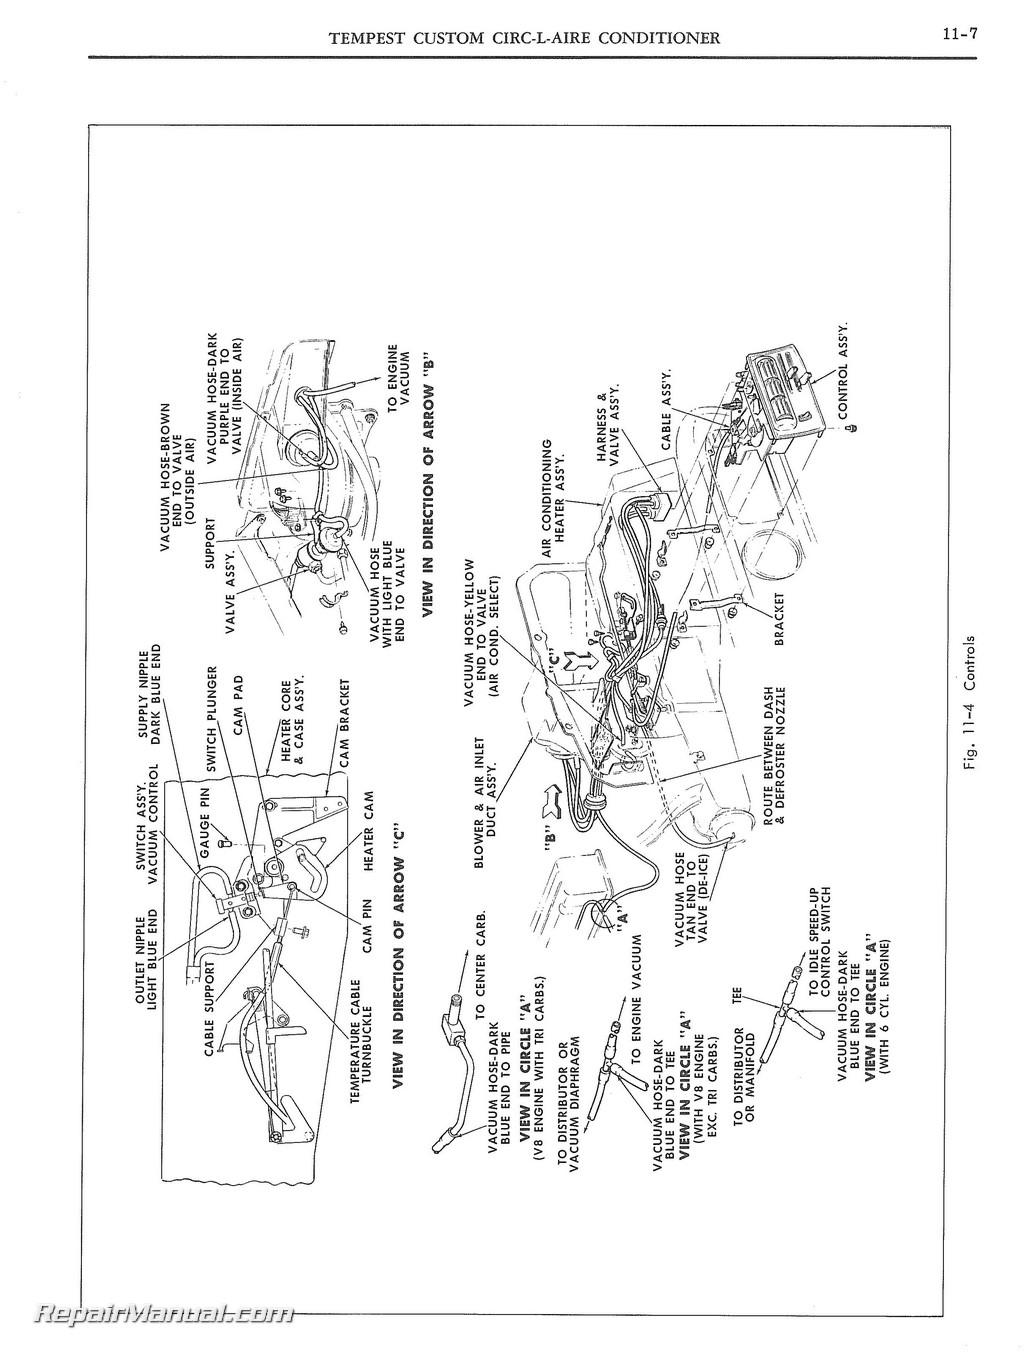 us air carriers list